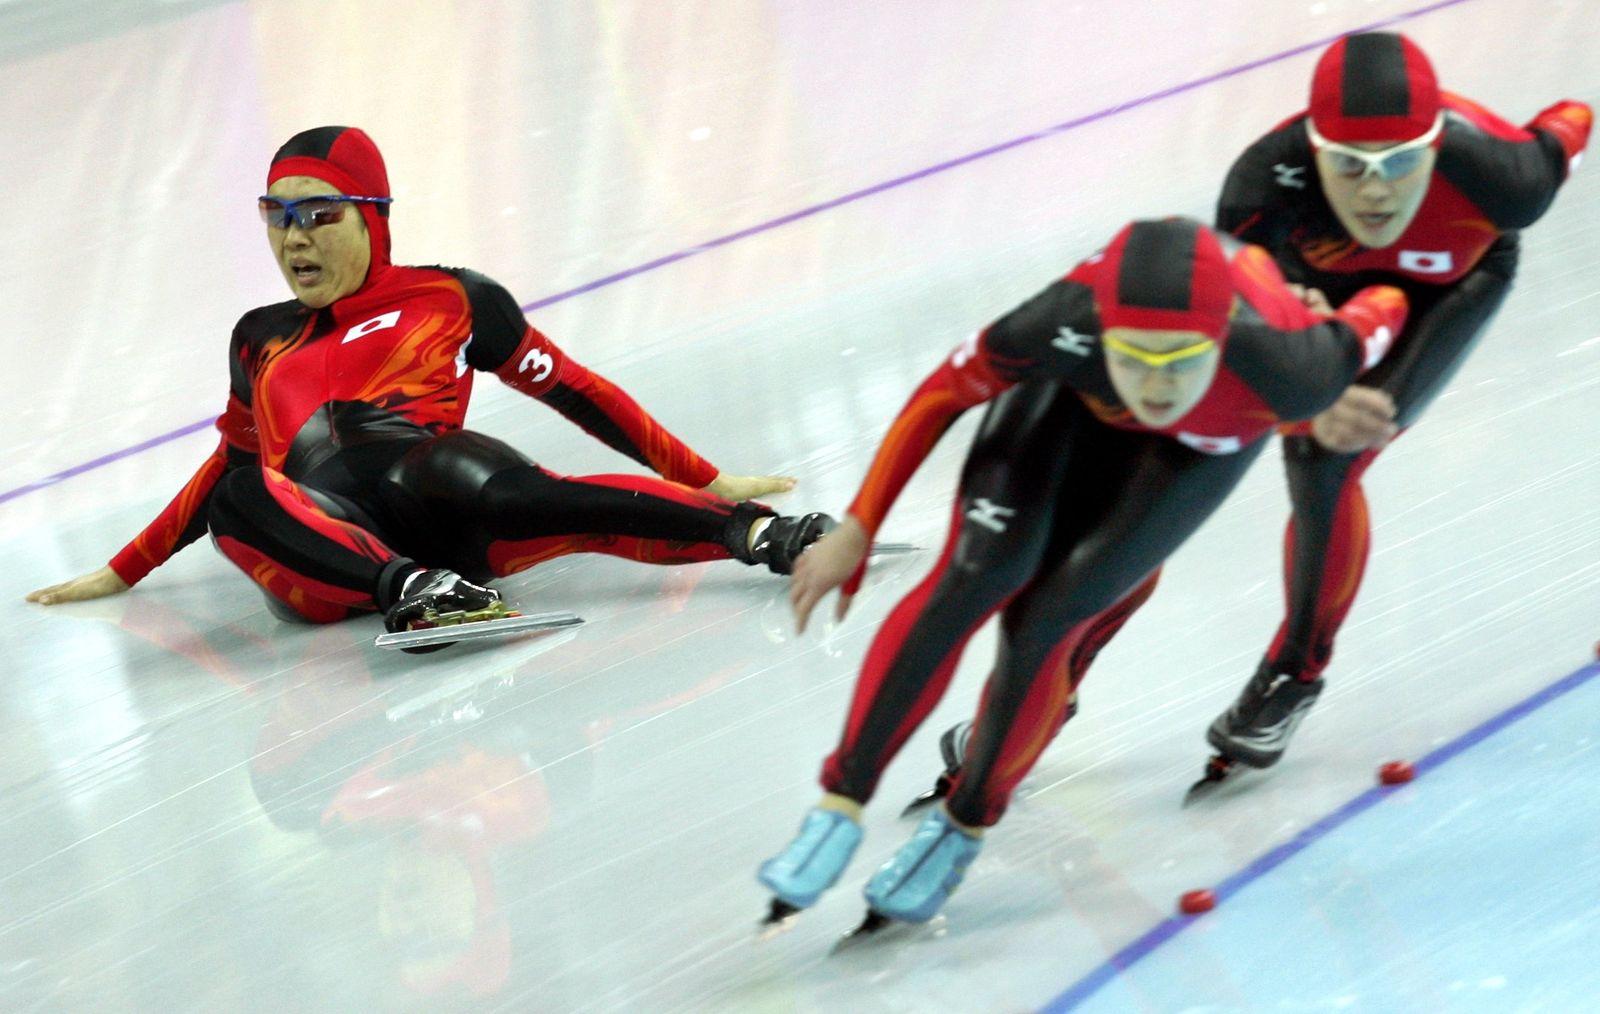 Olympia Turin - Eisschnelllauf Teamverfolgung